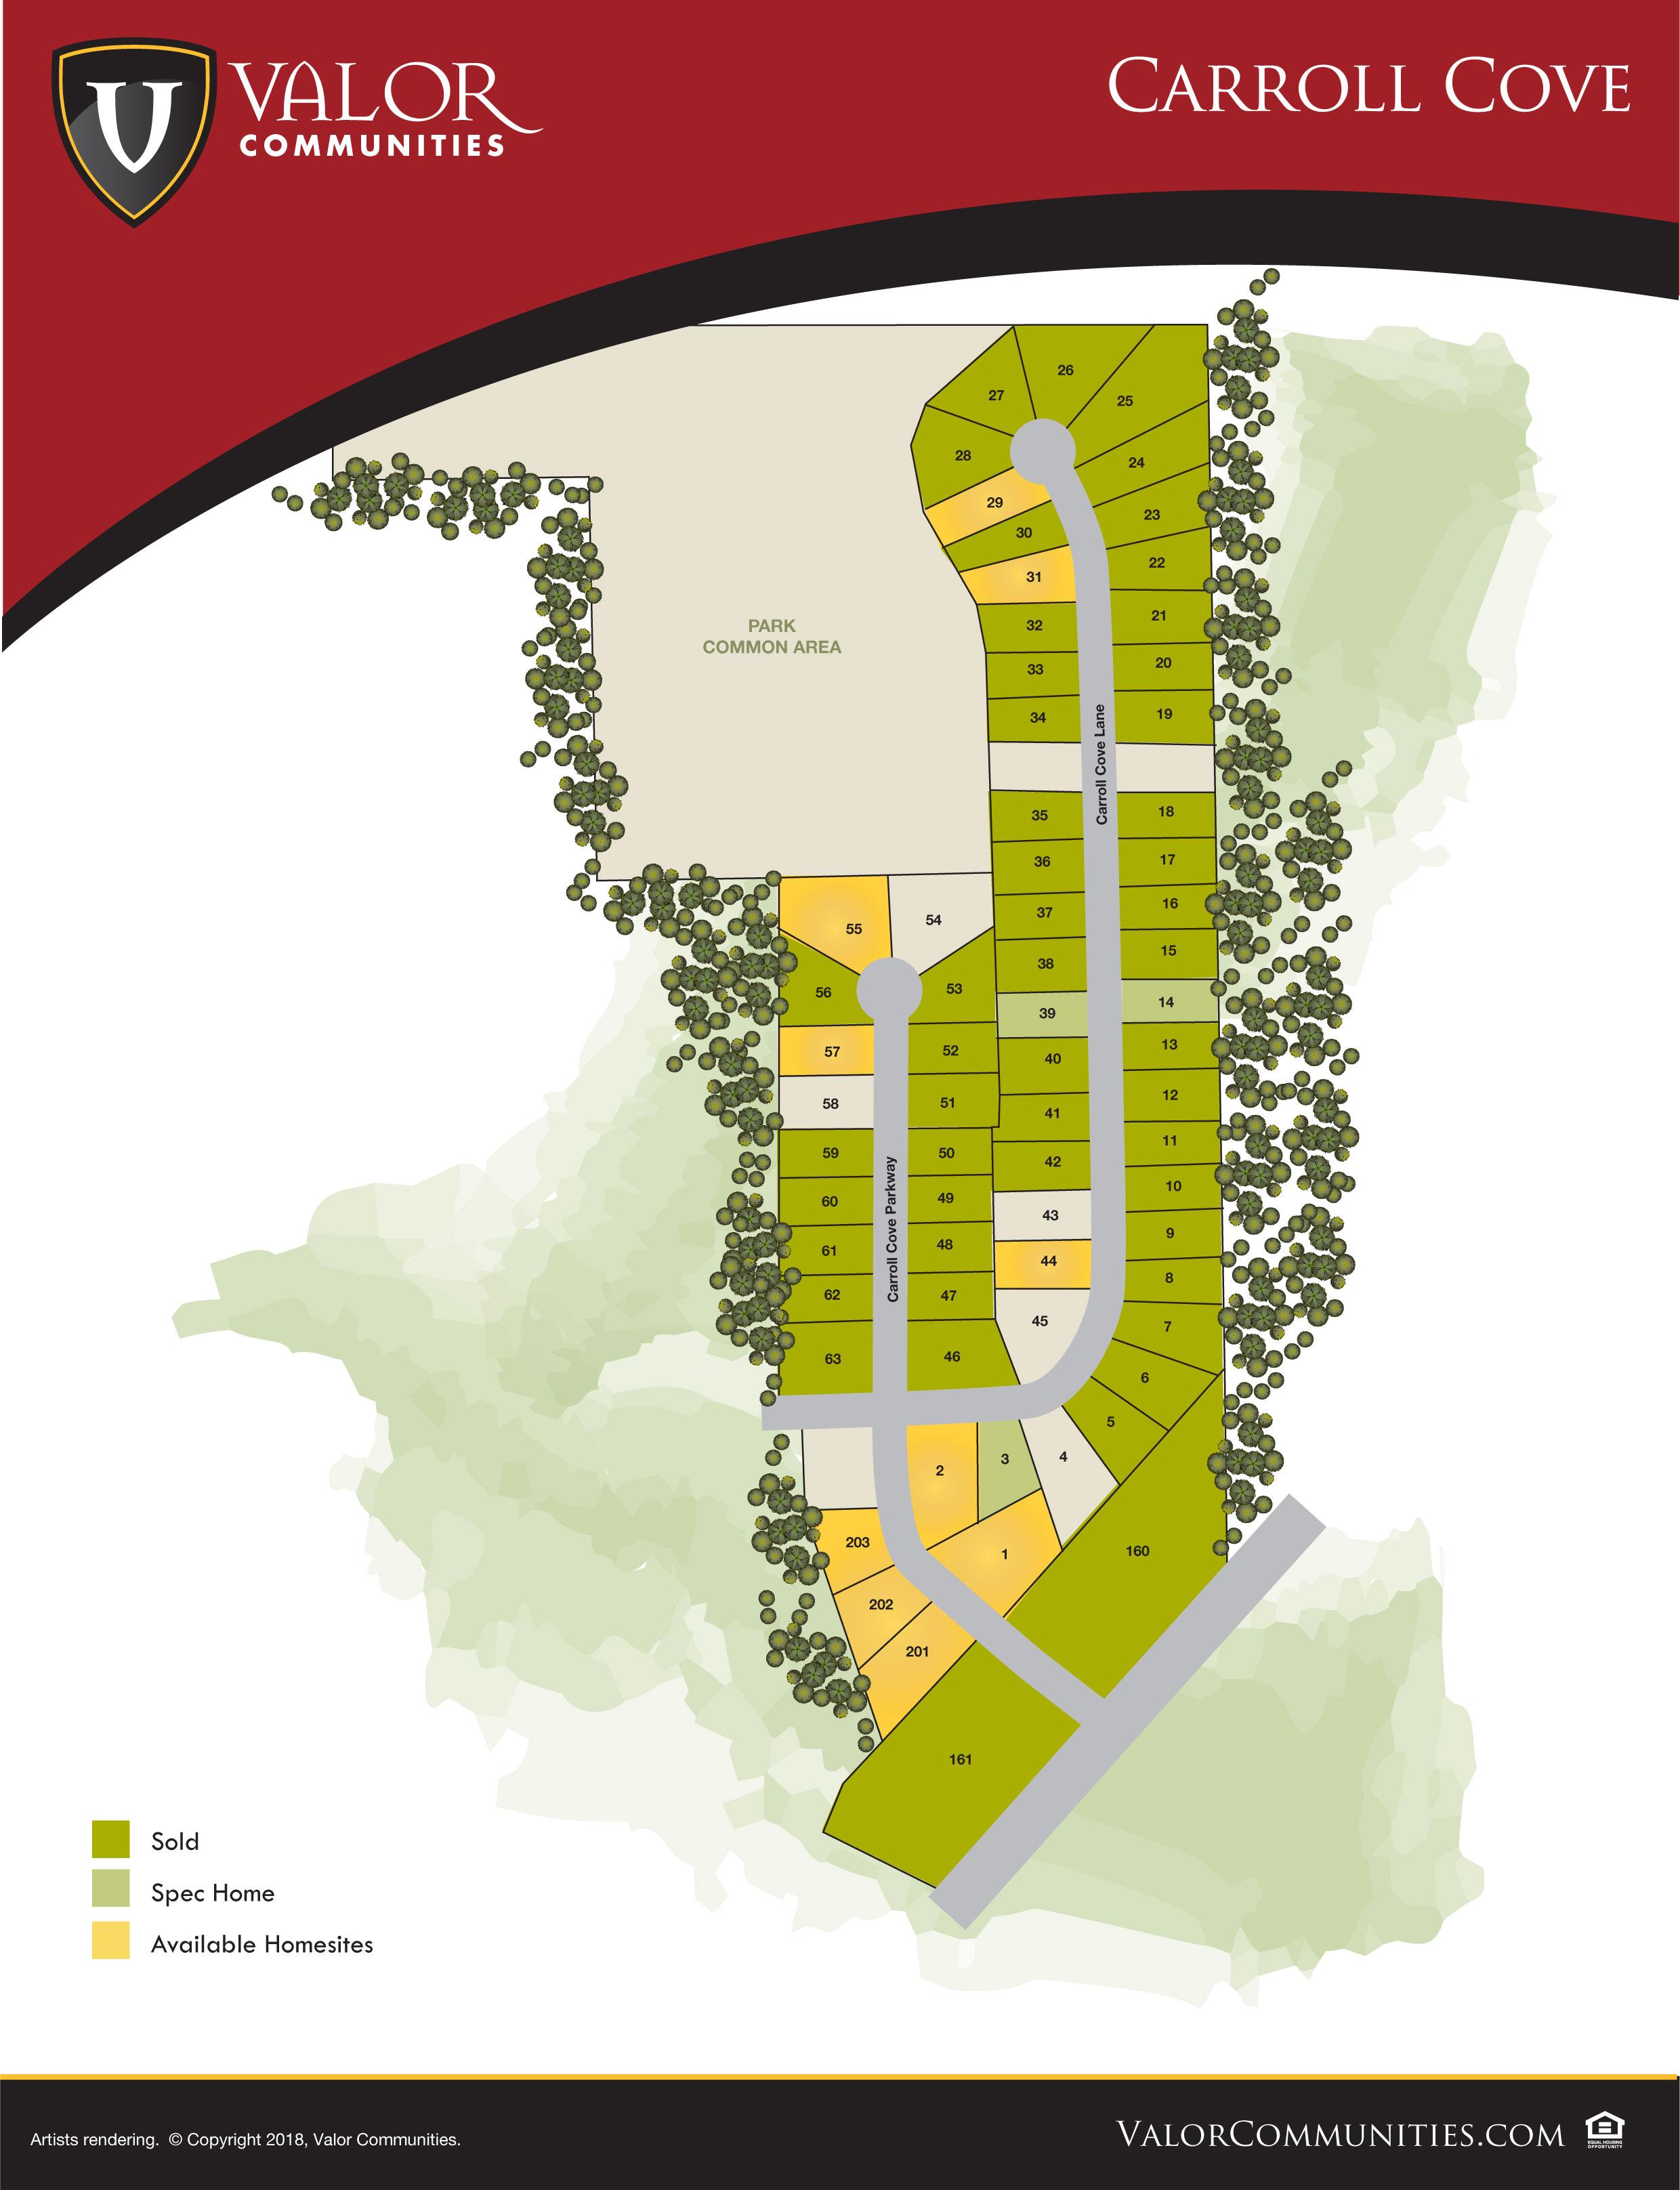 Carroll Cove Community Map